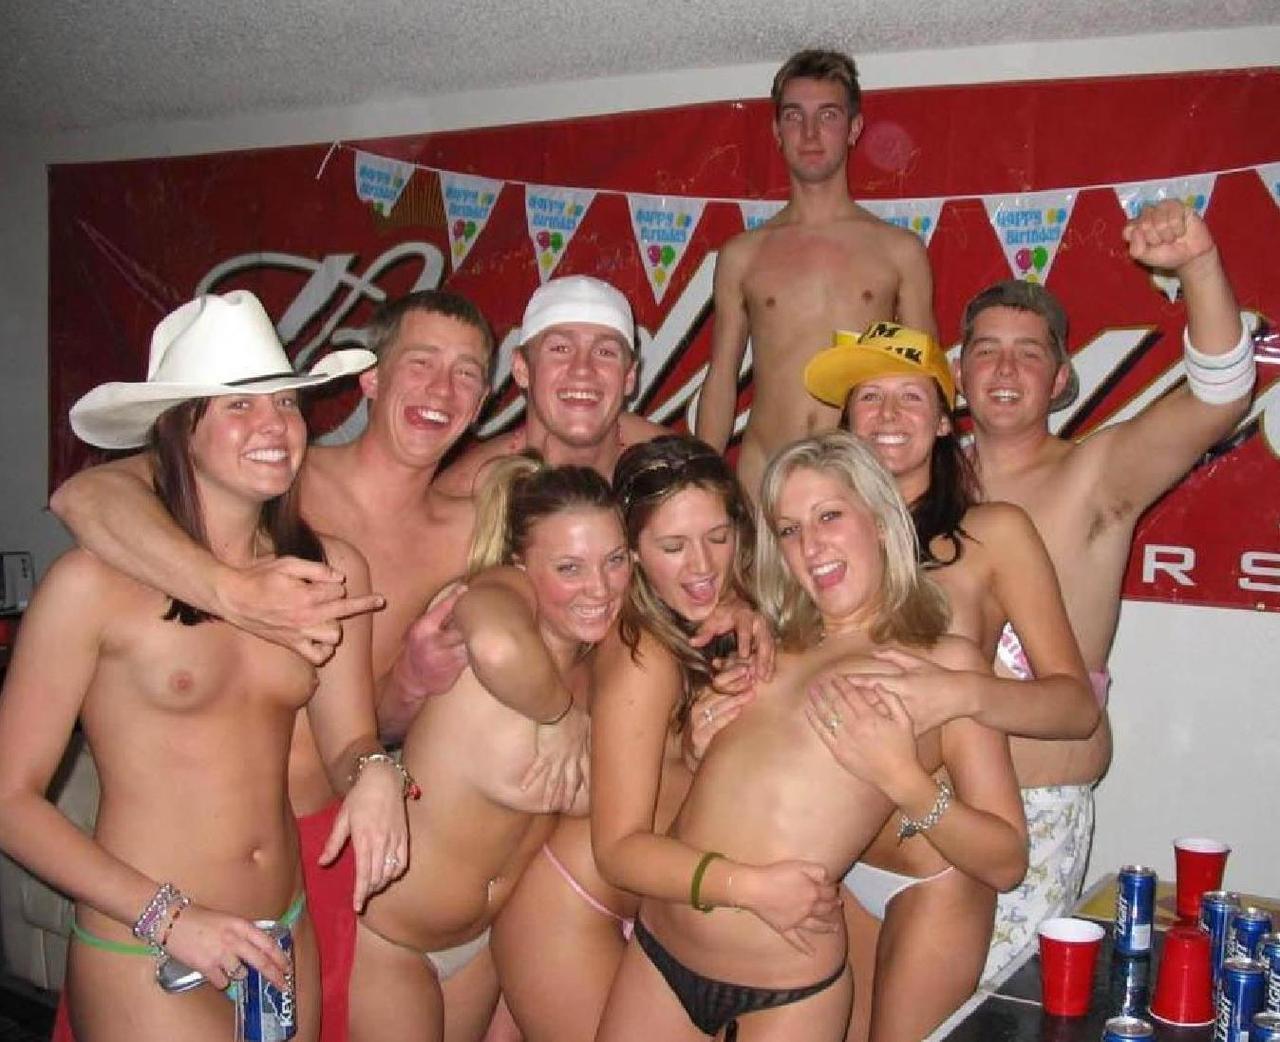 Фото вечеринок голых, Порно фото на вечеринке 8 фотография